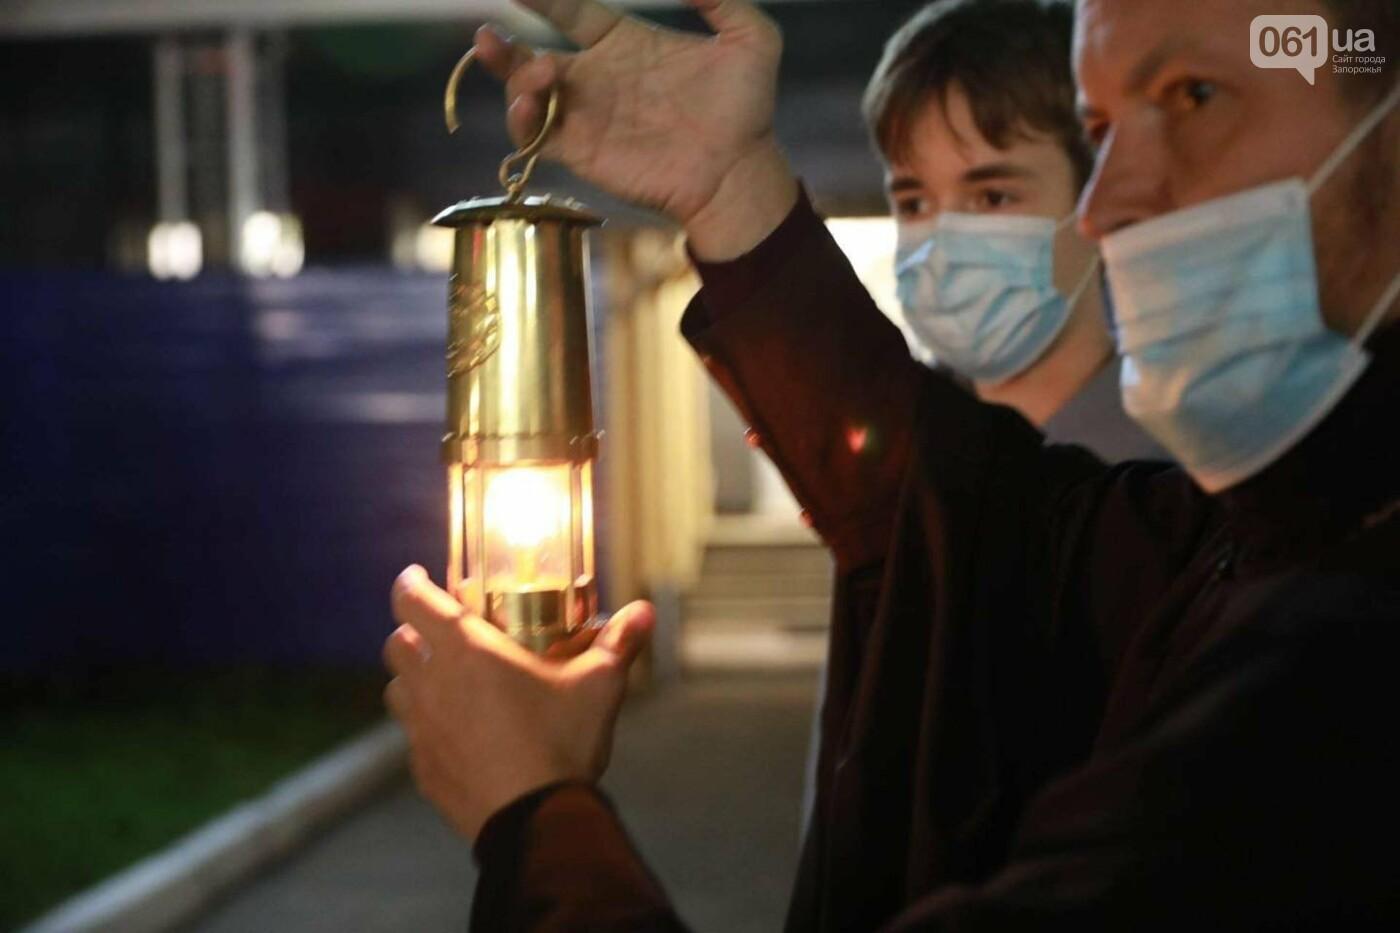 В Запорожье доставили Благодатный огонь из Иерусалима , фото-4